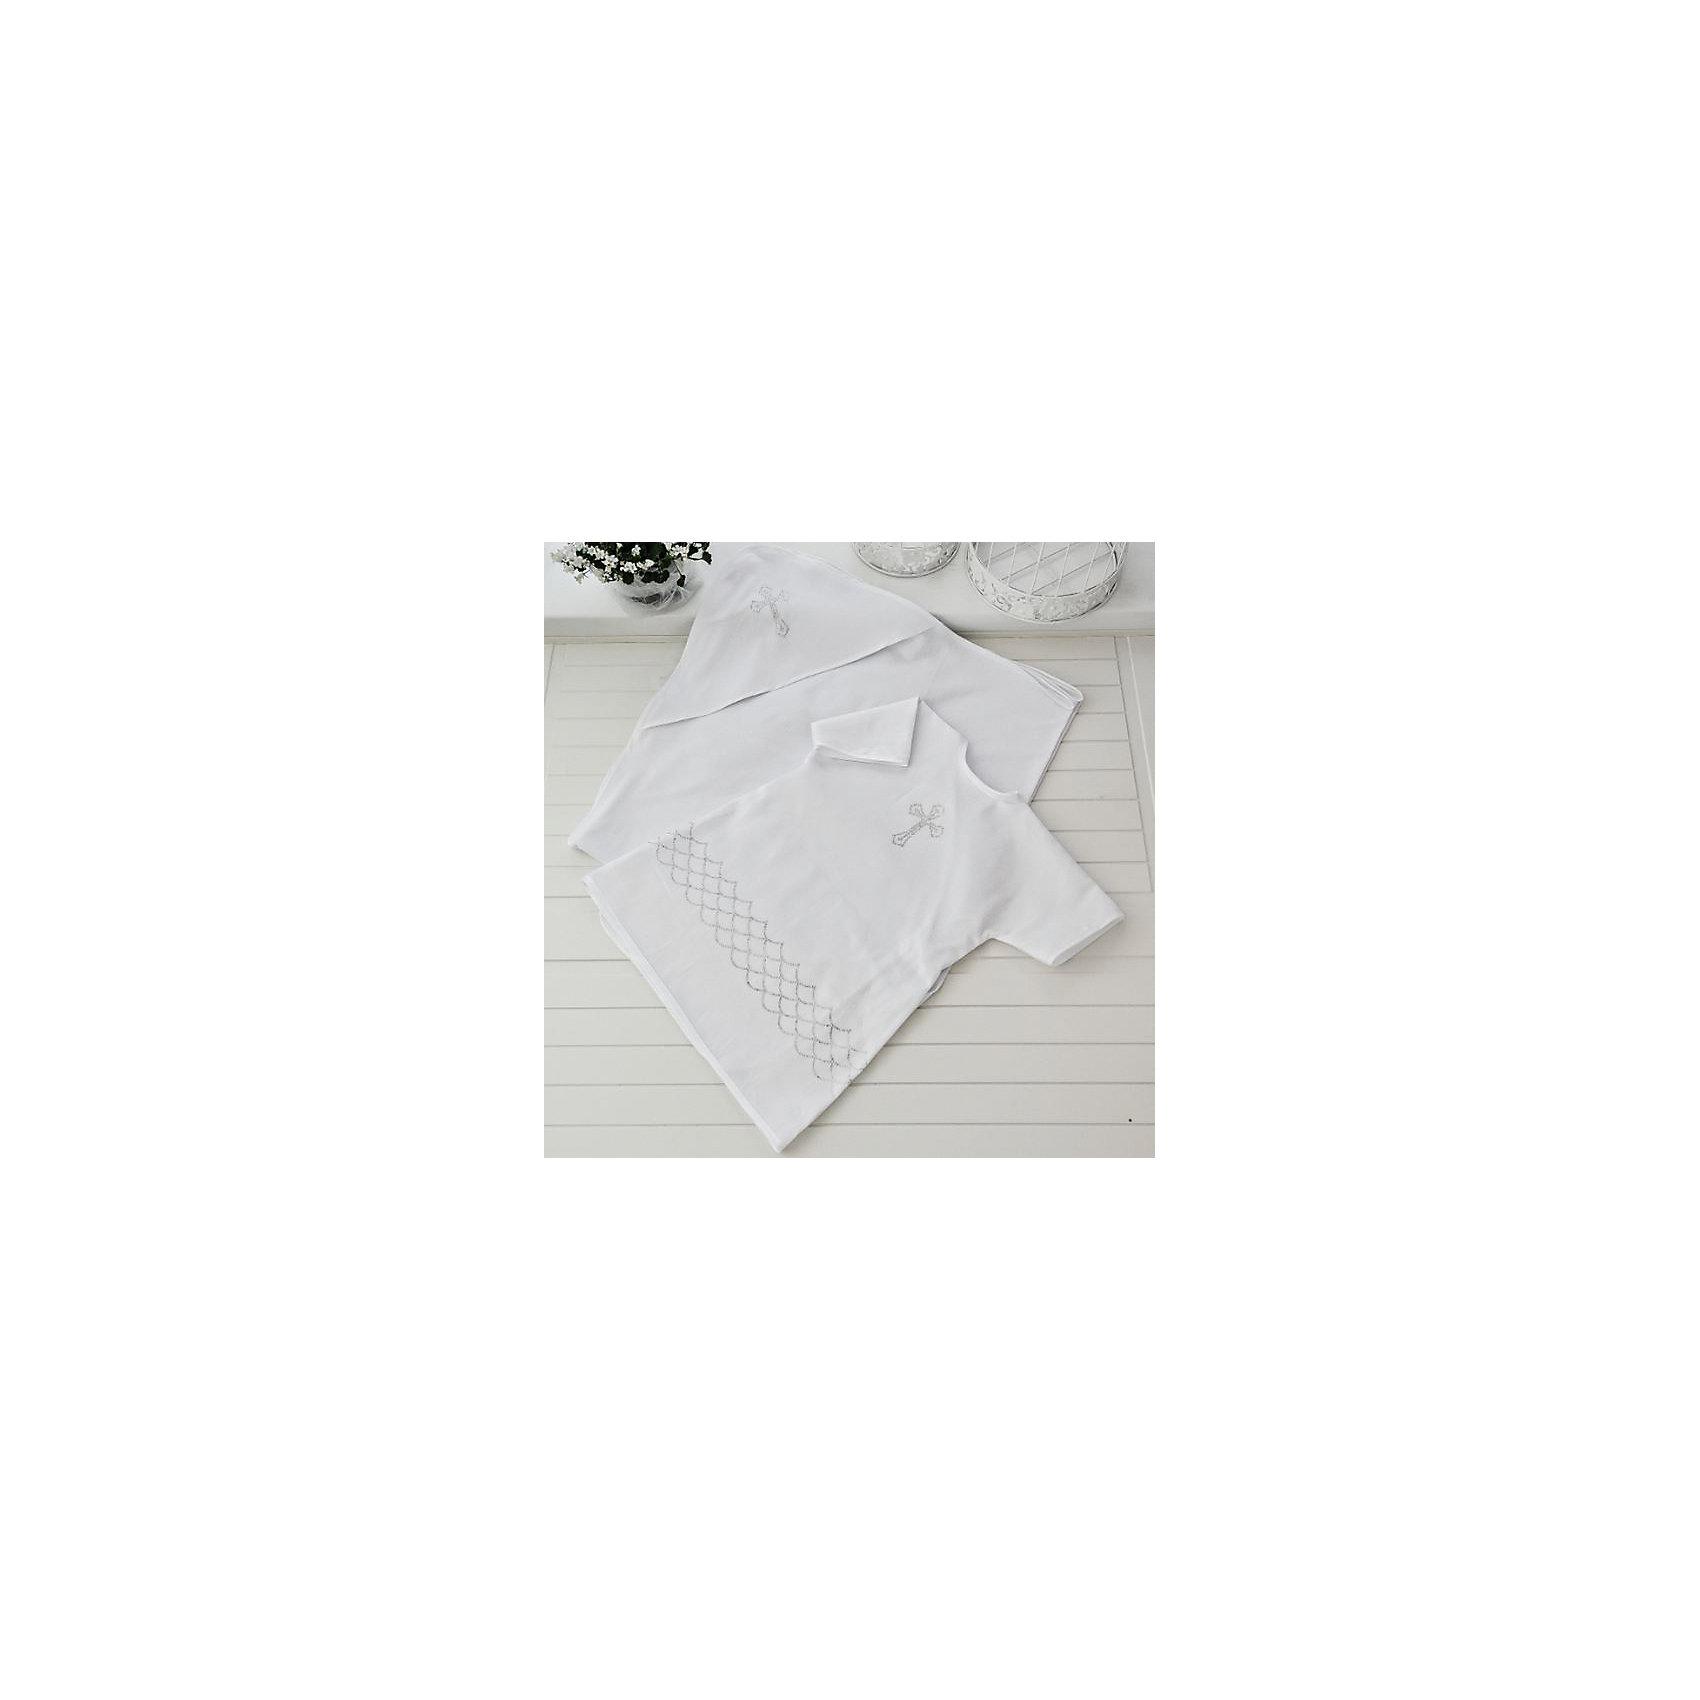 Арго Крестильный комплект 2 пред. 62-68р., Арго, белый крестильная одежда арго уголок с оборочкой 009 2н